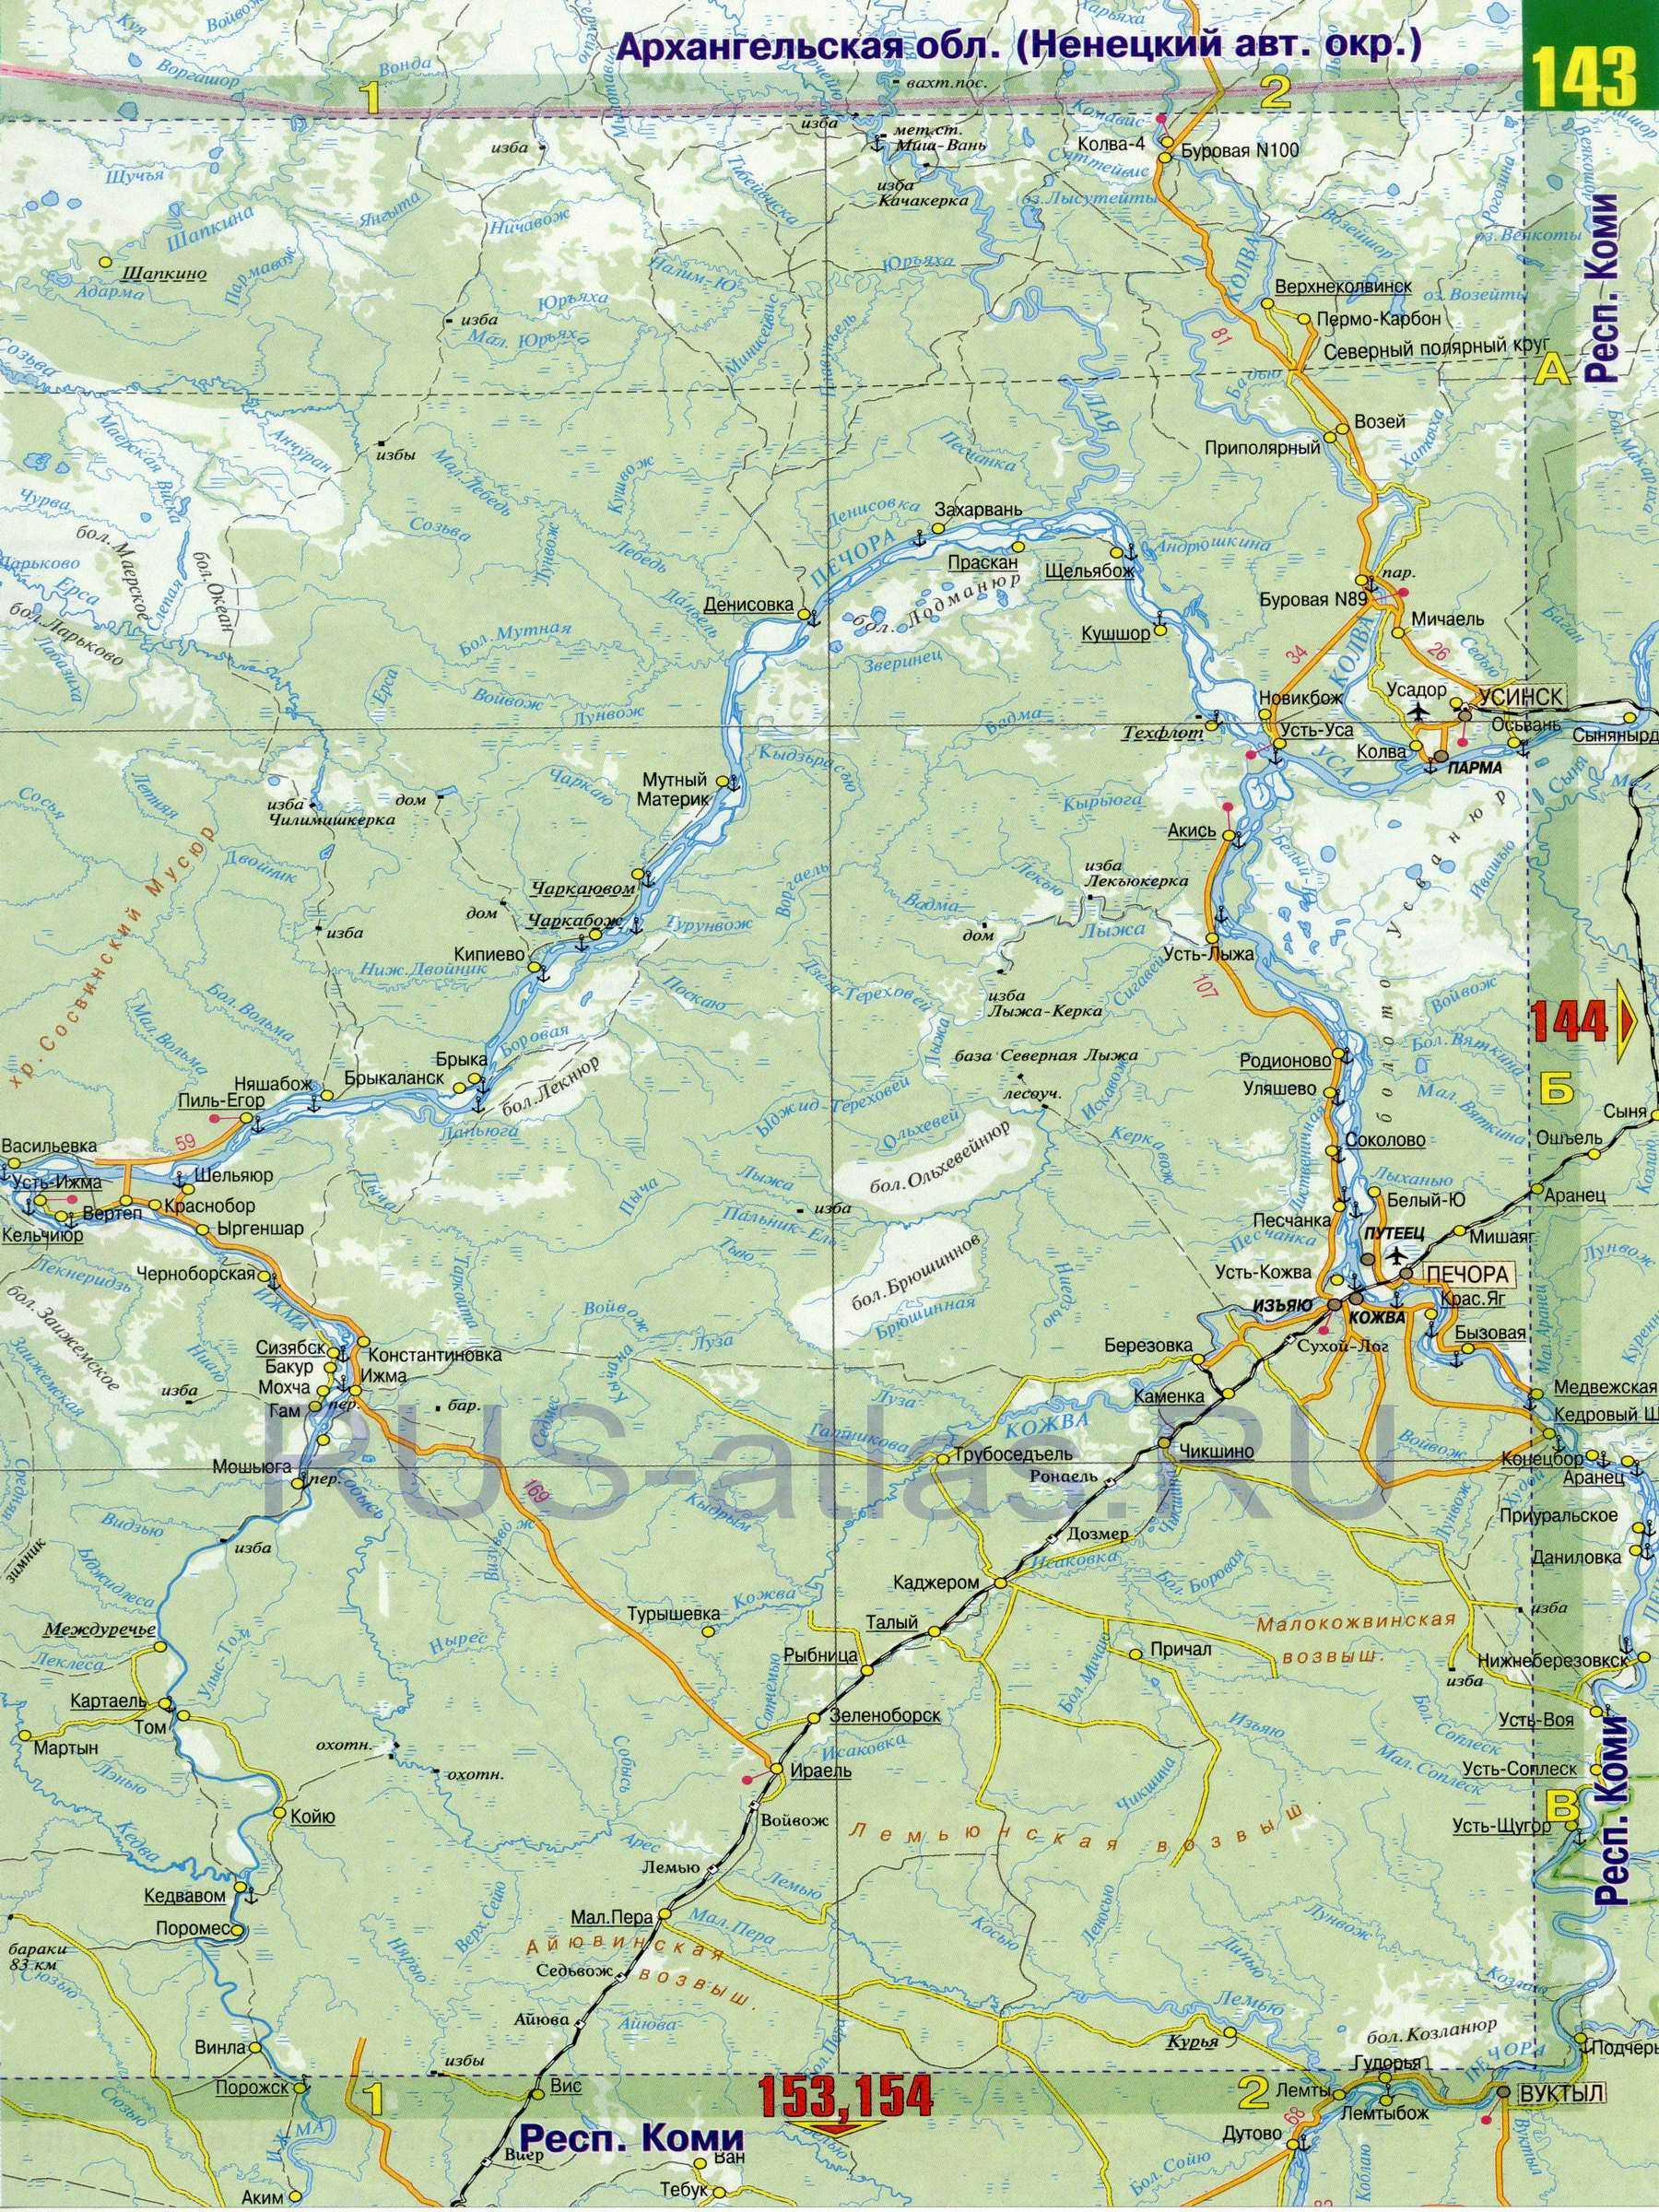 Карта Коми. Карта дорог республики Коми, B0: http://rus-atlas.ru/map442909_0_1.htm